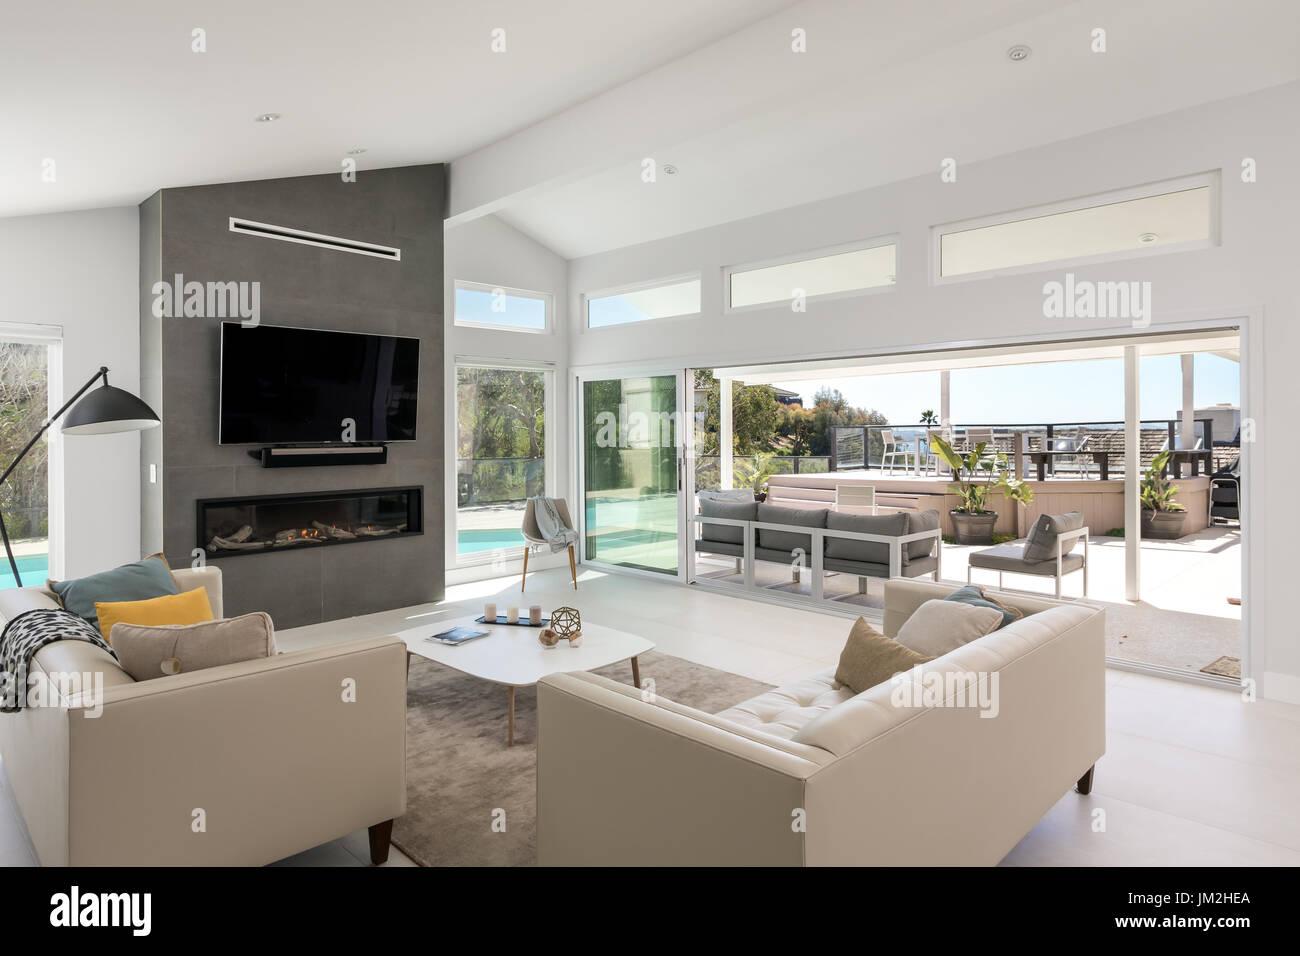 Modernes Wohnzimmer Mit Blick Auf Den Wohnbereich Im Freien